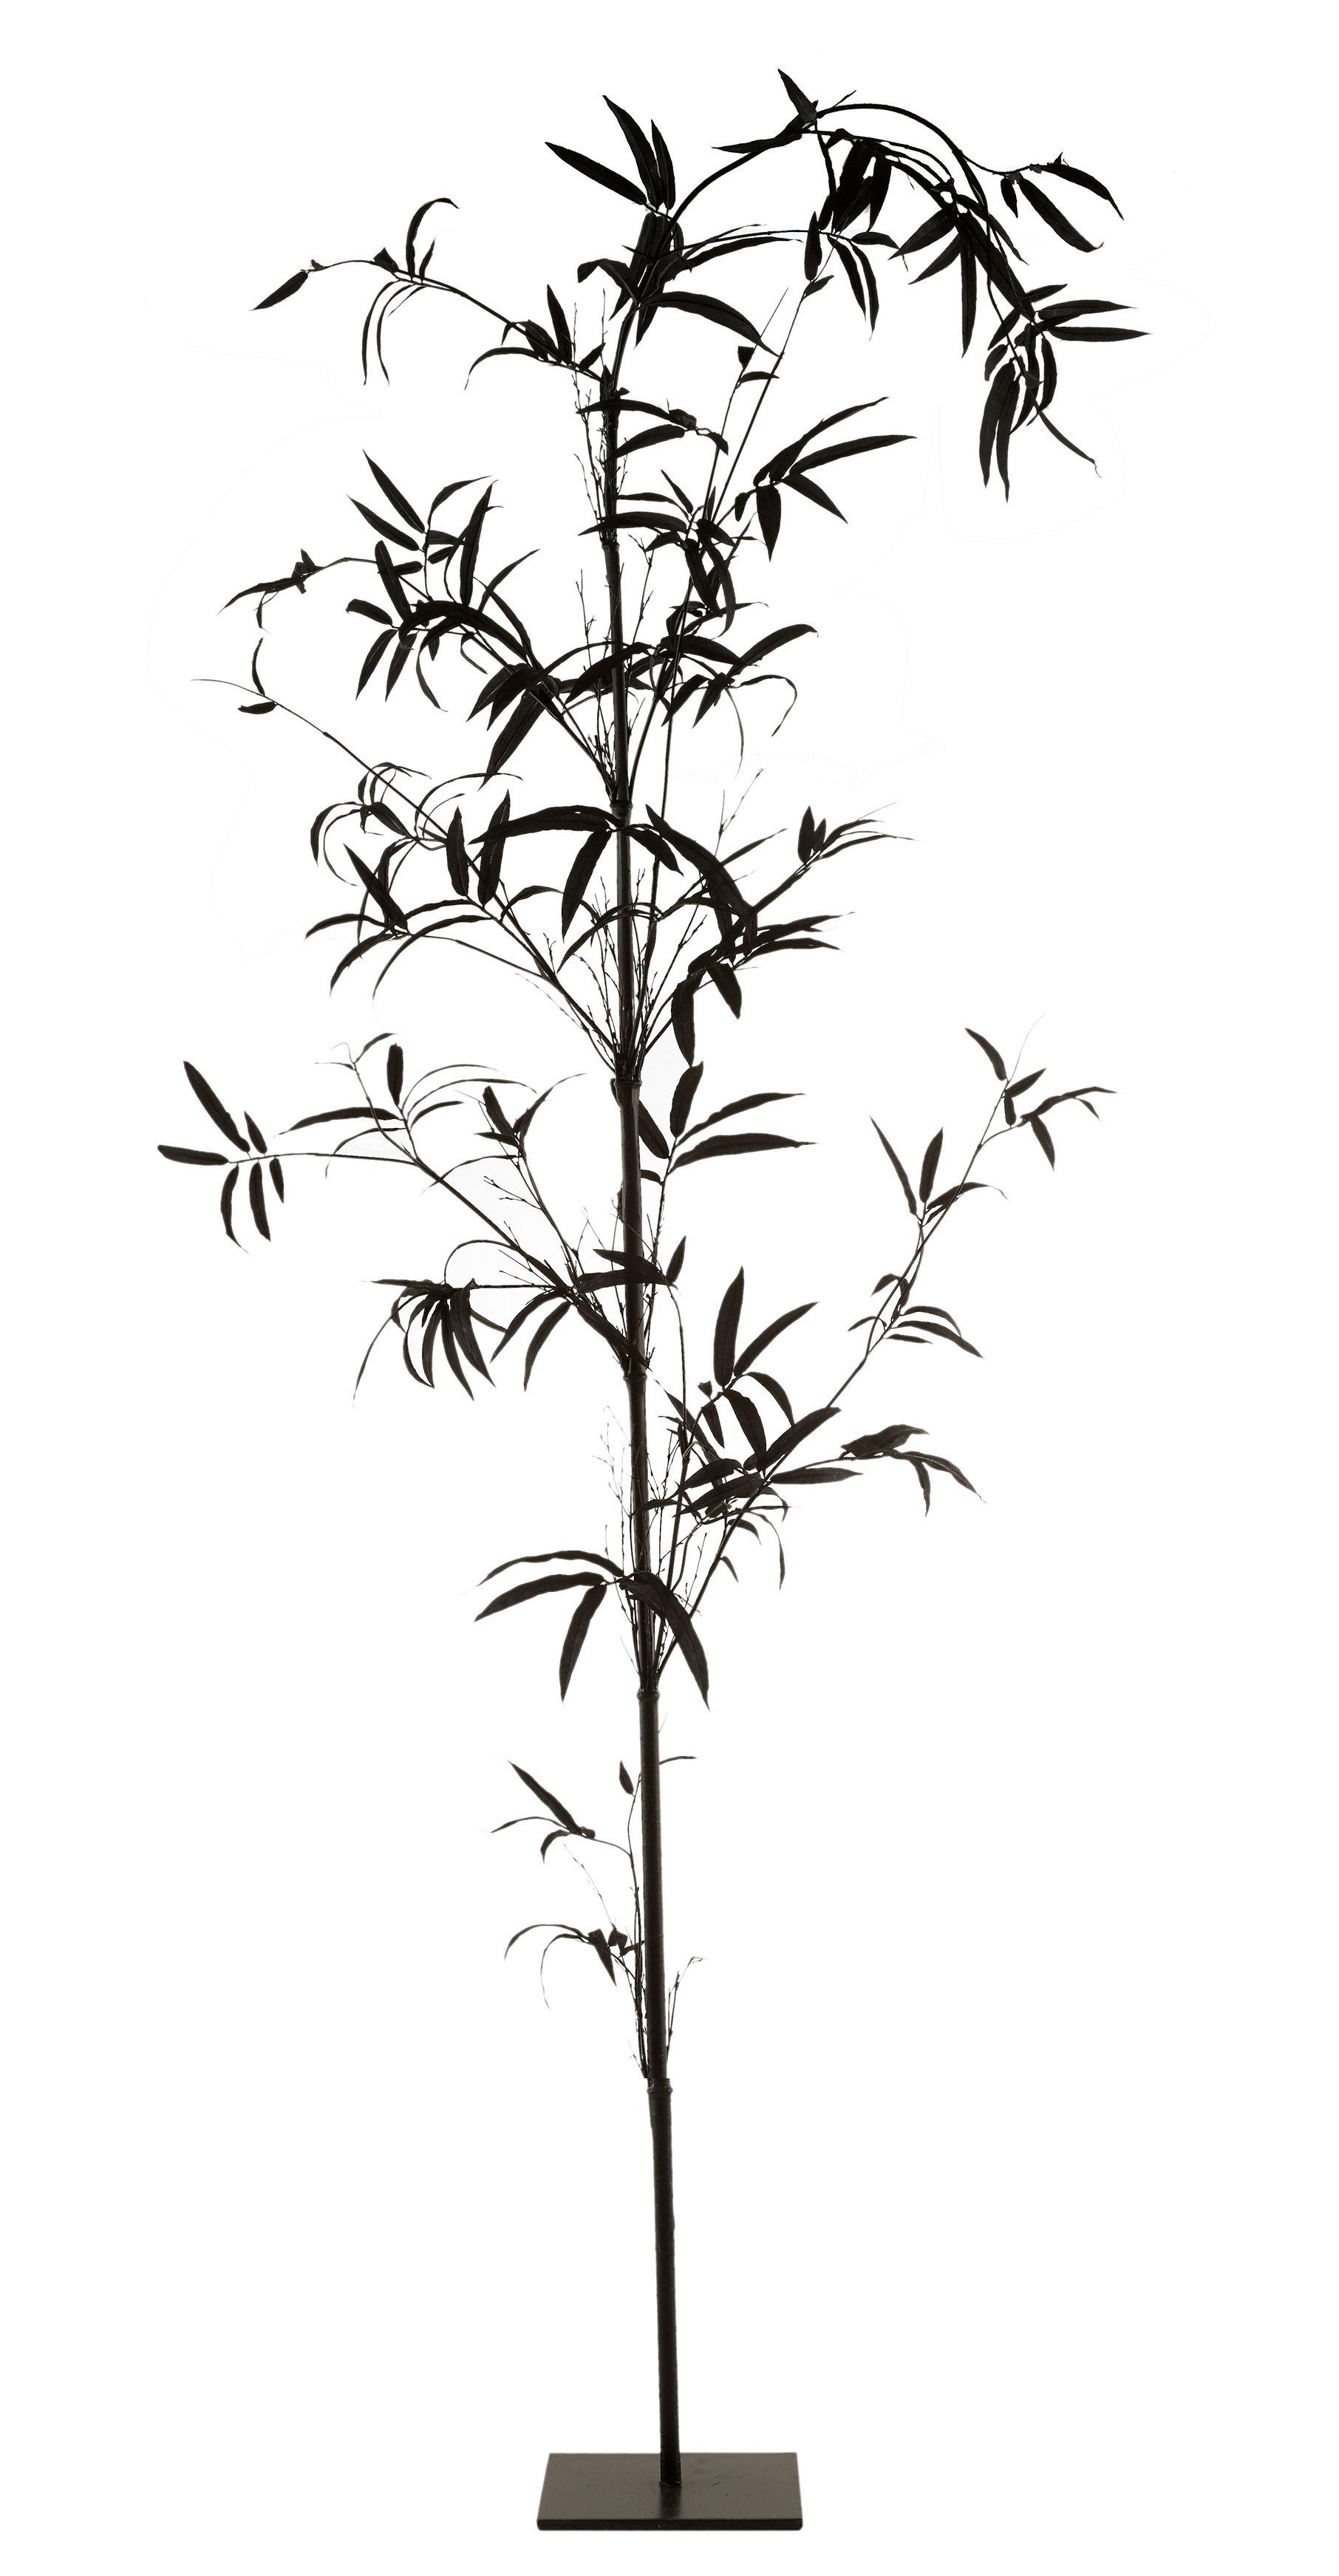 Dekoration - Töpfe und Pflanzen - Bambou Kunstpflanze / Ø 80 cm x H 270 cm - Pols Potten - Bambus / schwarz - Eisen, Plastikmaterial, Polyesterfaser